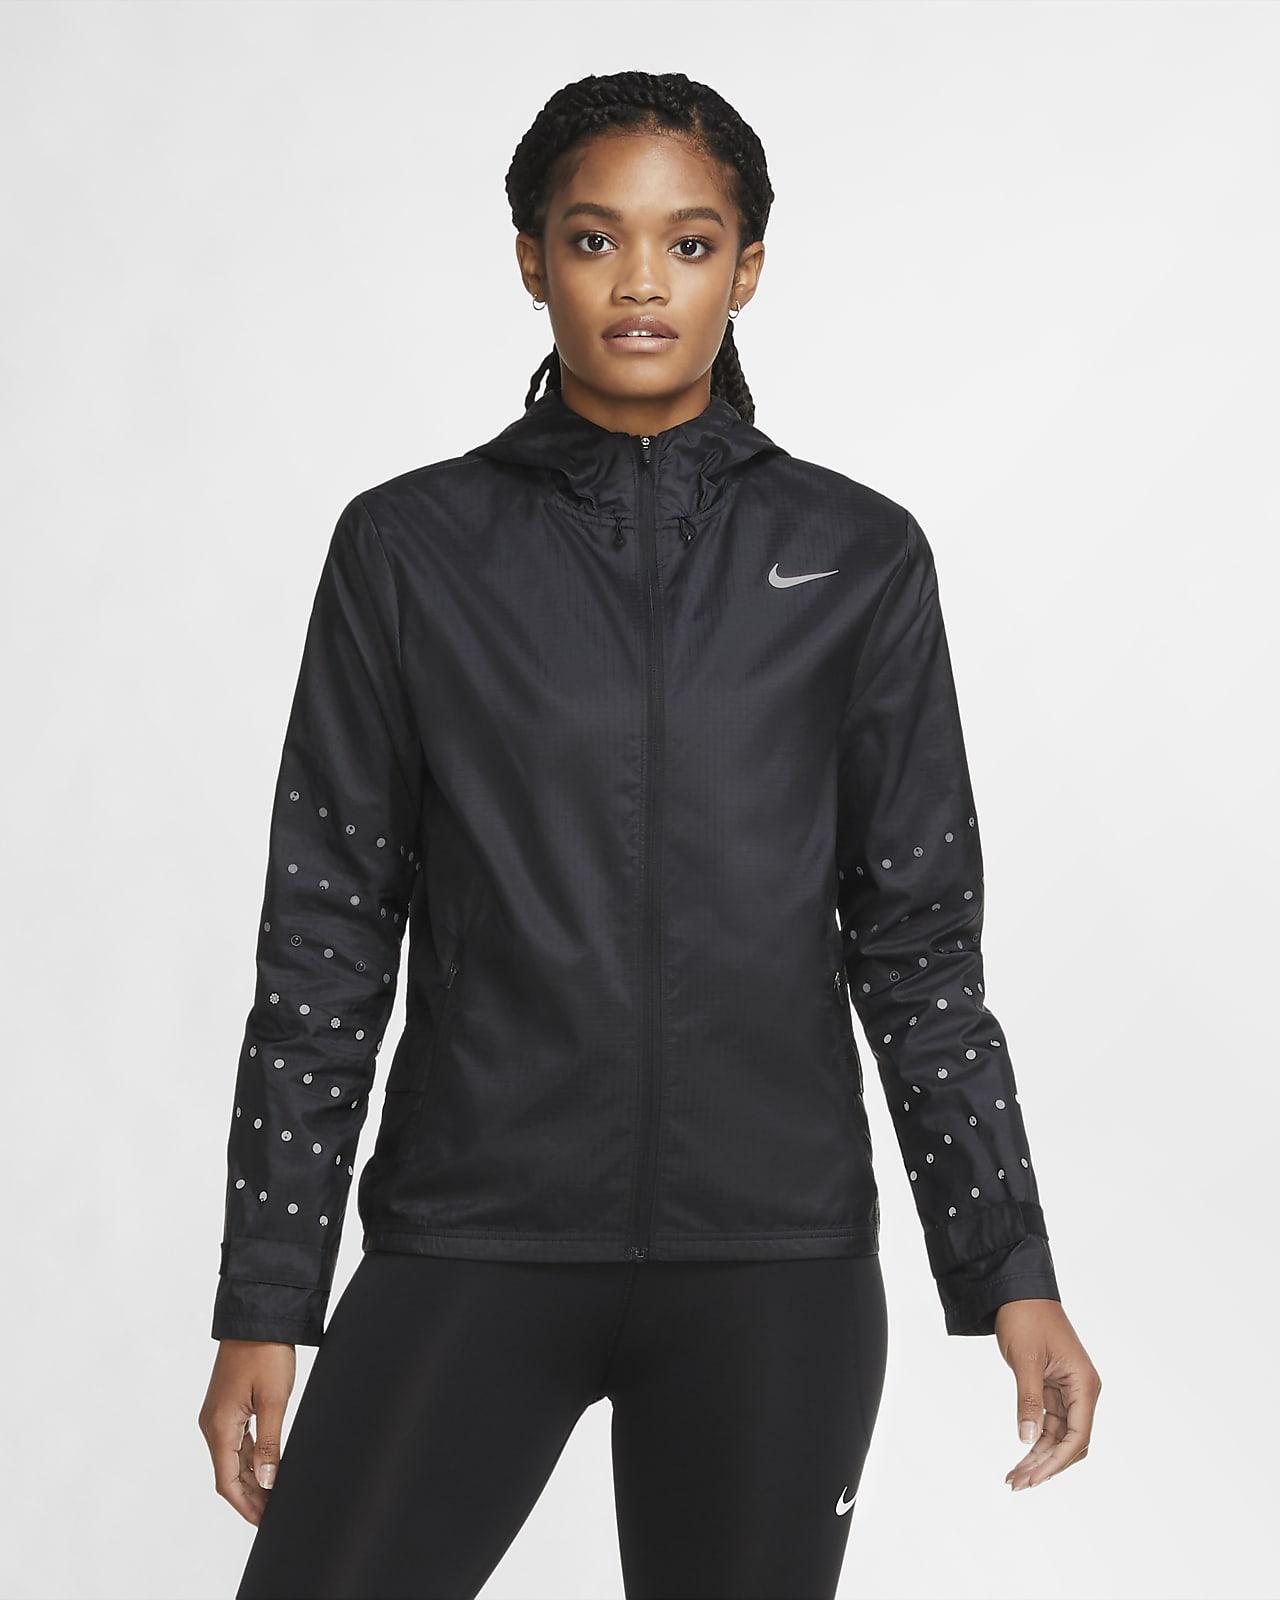 Veste de running à capuche Nike Essential Flash pour Femme